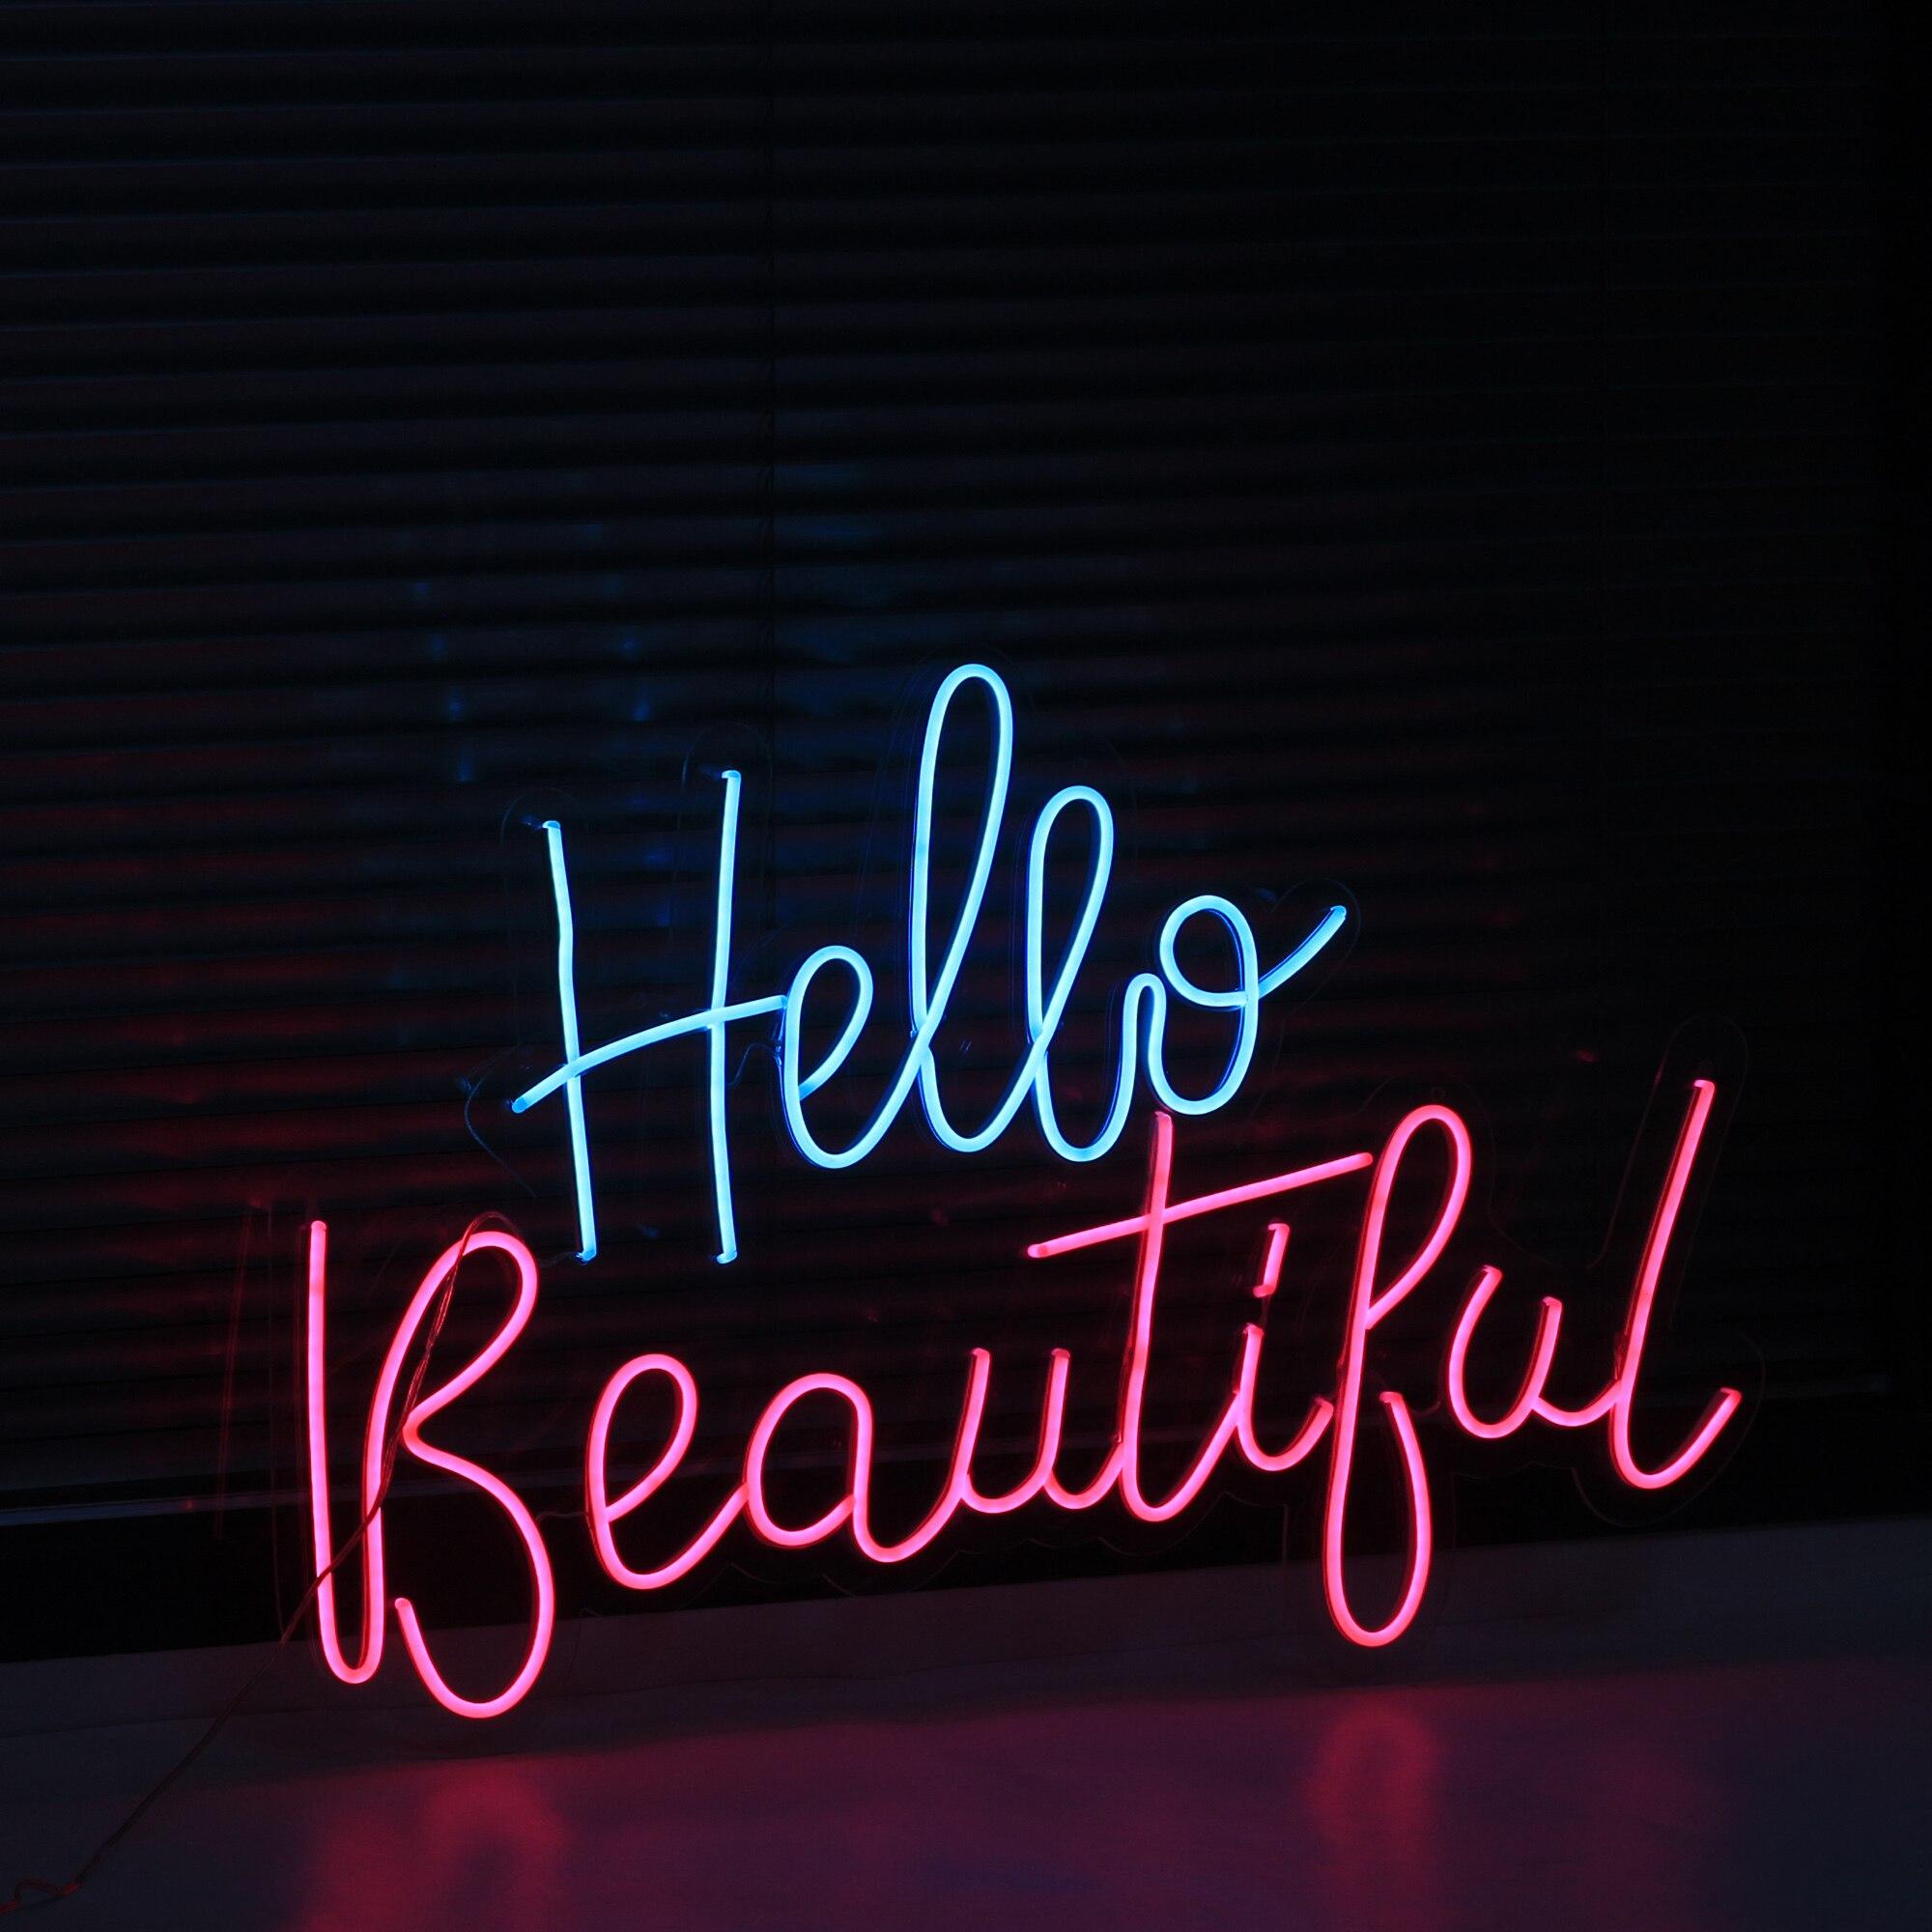 شعار نيون مخصص ضوء مقاوم للماء فليكس Led الاكريليك الجدار الشنق ديكور المنزل النيون بار أضواء النيون مرحبا علامة جميلة